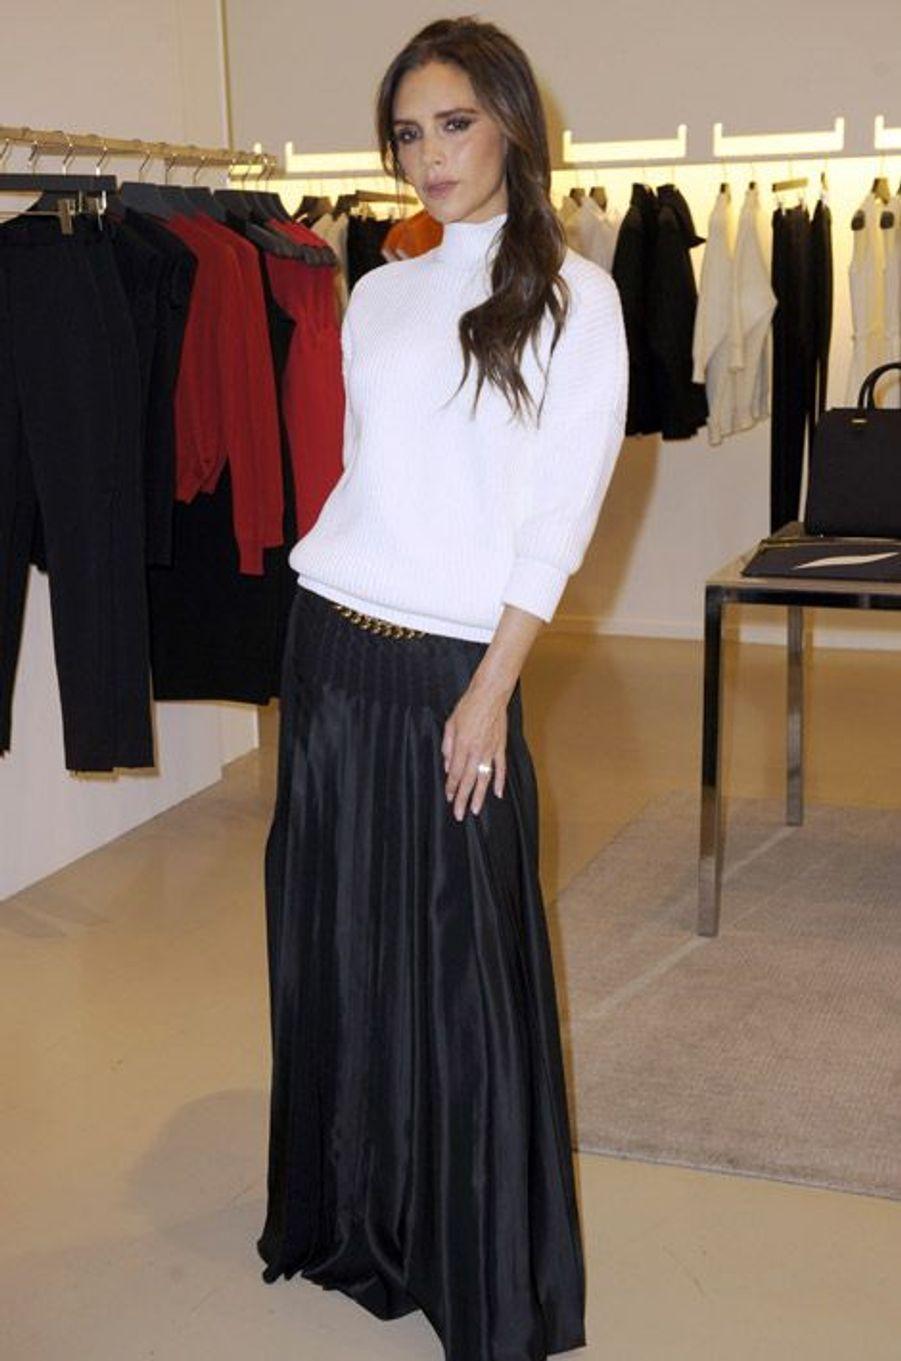 L'ancienne Spice Girl et styliste, Victoria Beckham dans sa boutique londonienne, le 19 novembre 2014